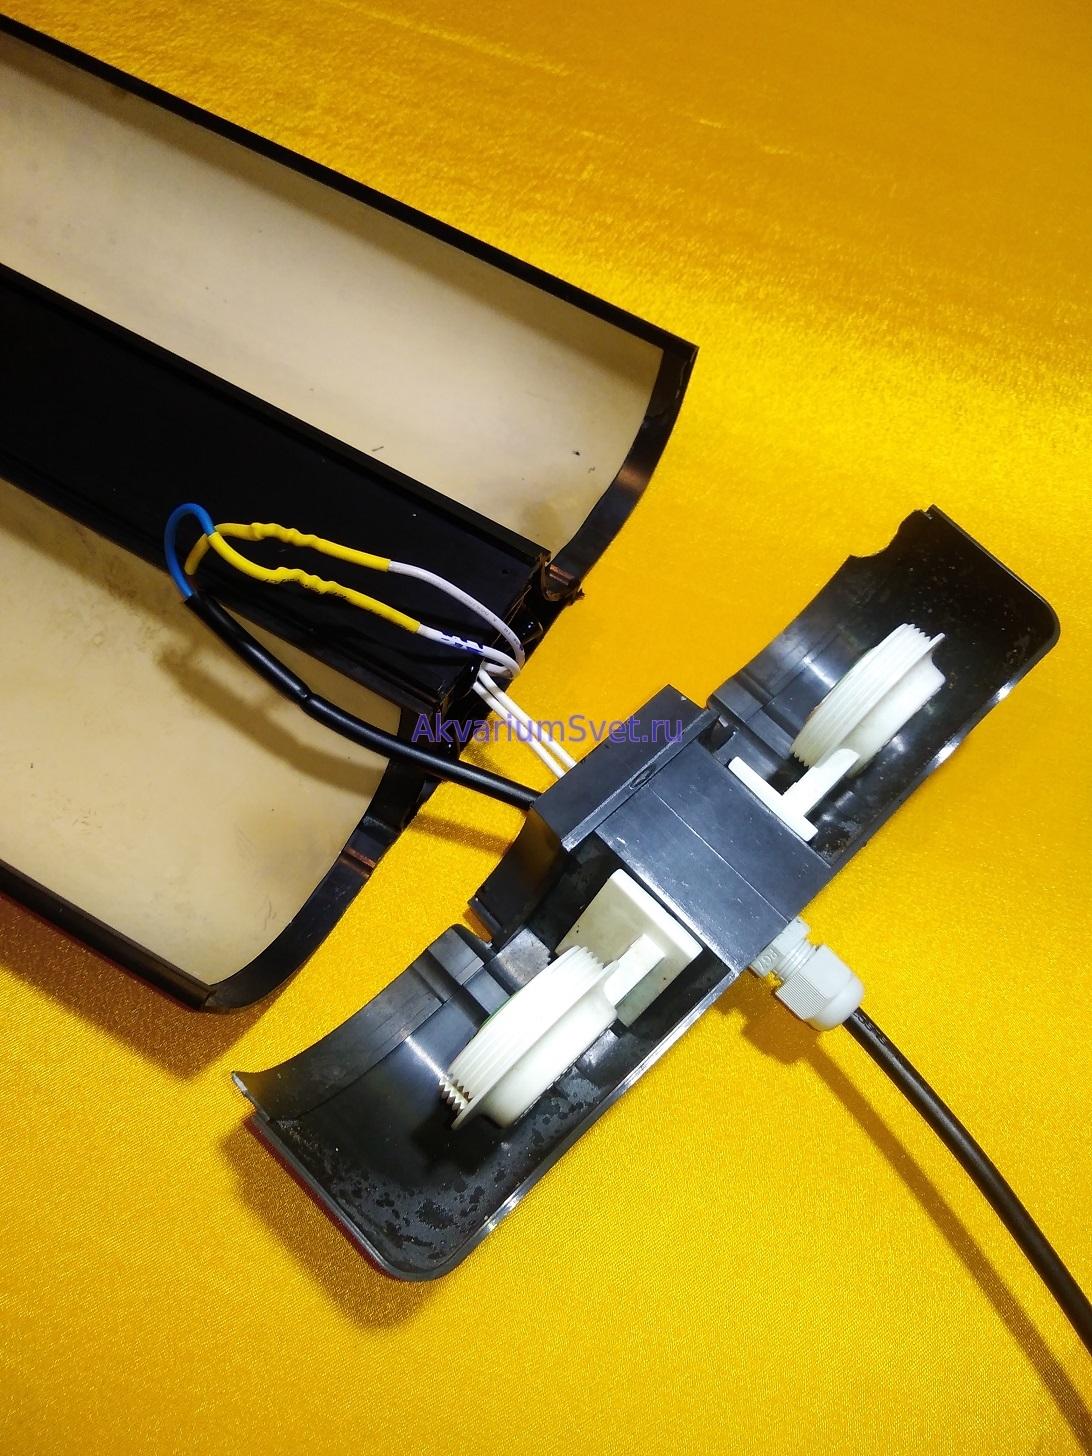 Влагозащищённые патроны в хорошем состоянии, а вот гермоввод сетевого провода тоже было необходимо заменить на новый.